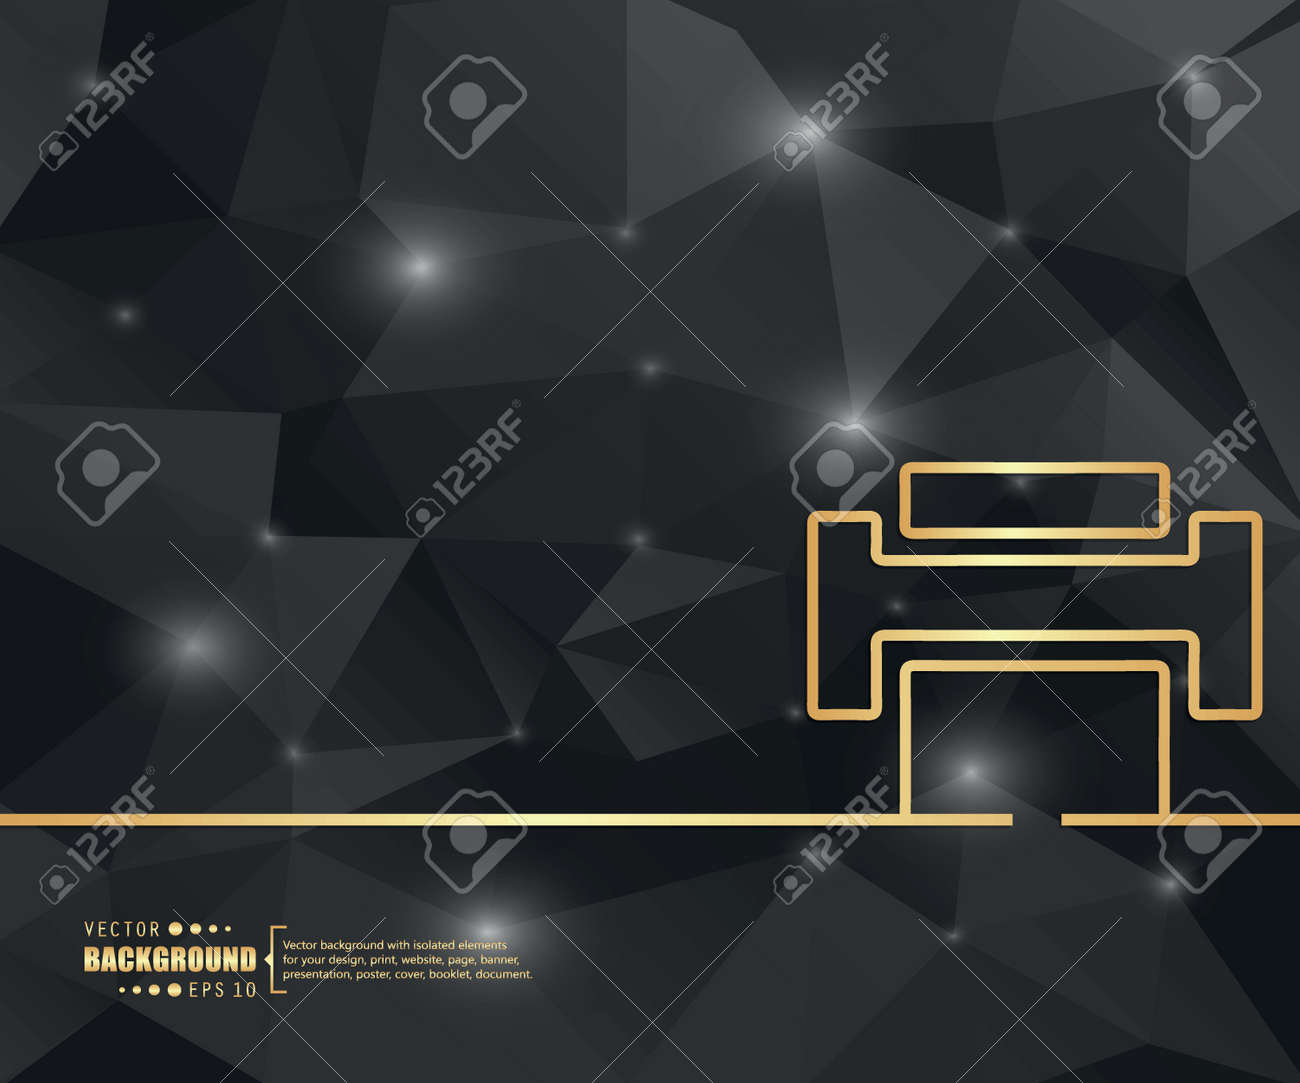 Zusammenfassung Kreative Konzept Vektor Hintergrund Für Web Und ...